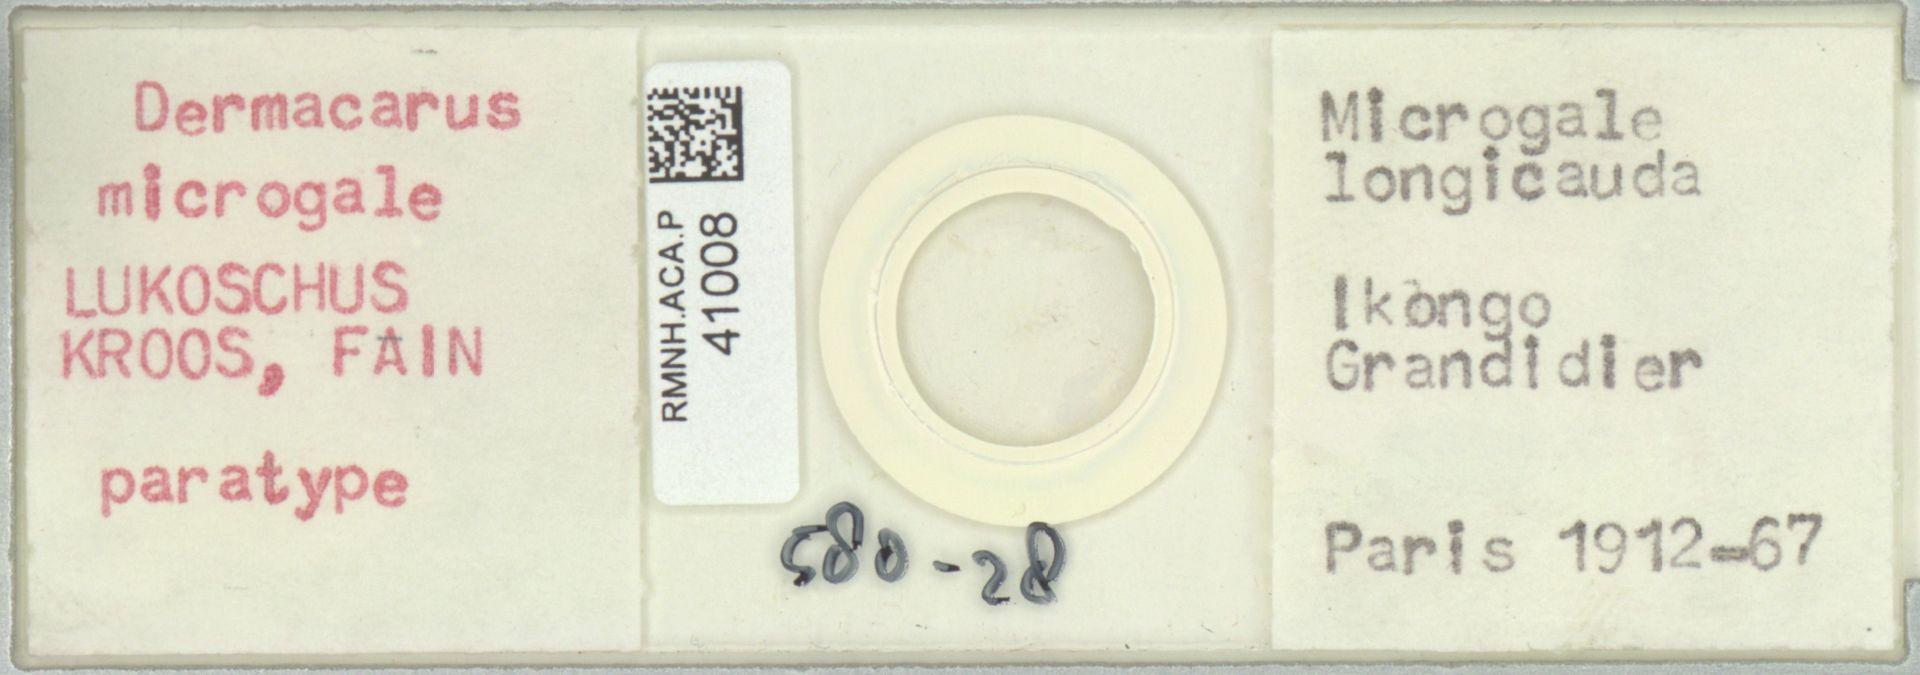 RMNH.ACA.P.41008 | Dermacarus microgale Lukoschus, Kroos, Fain